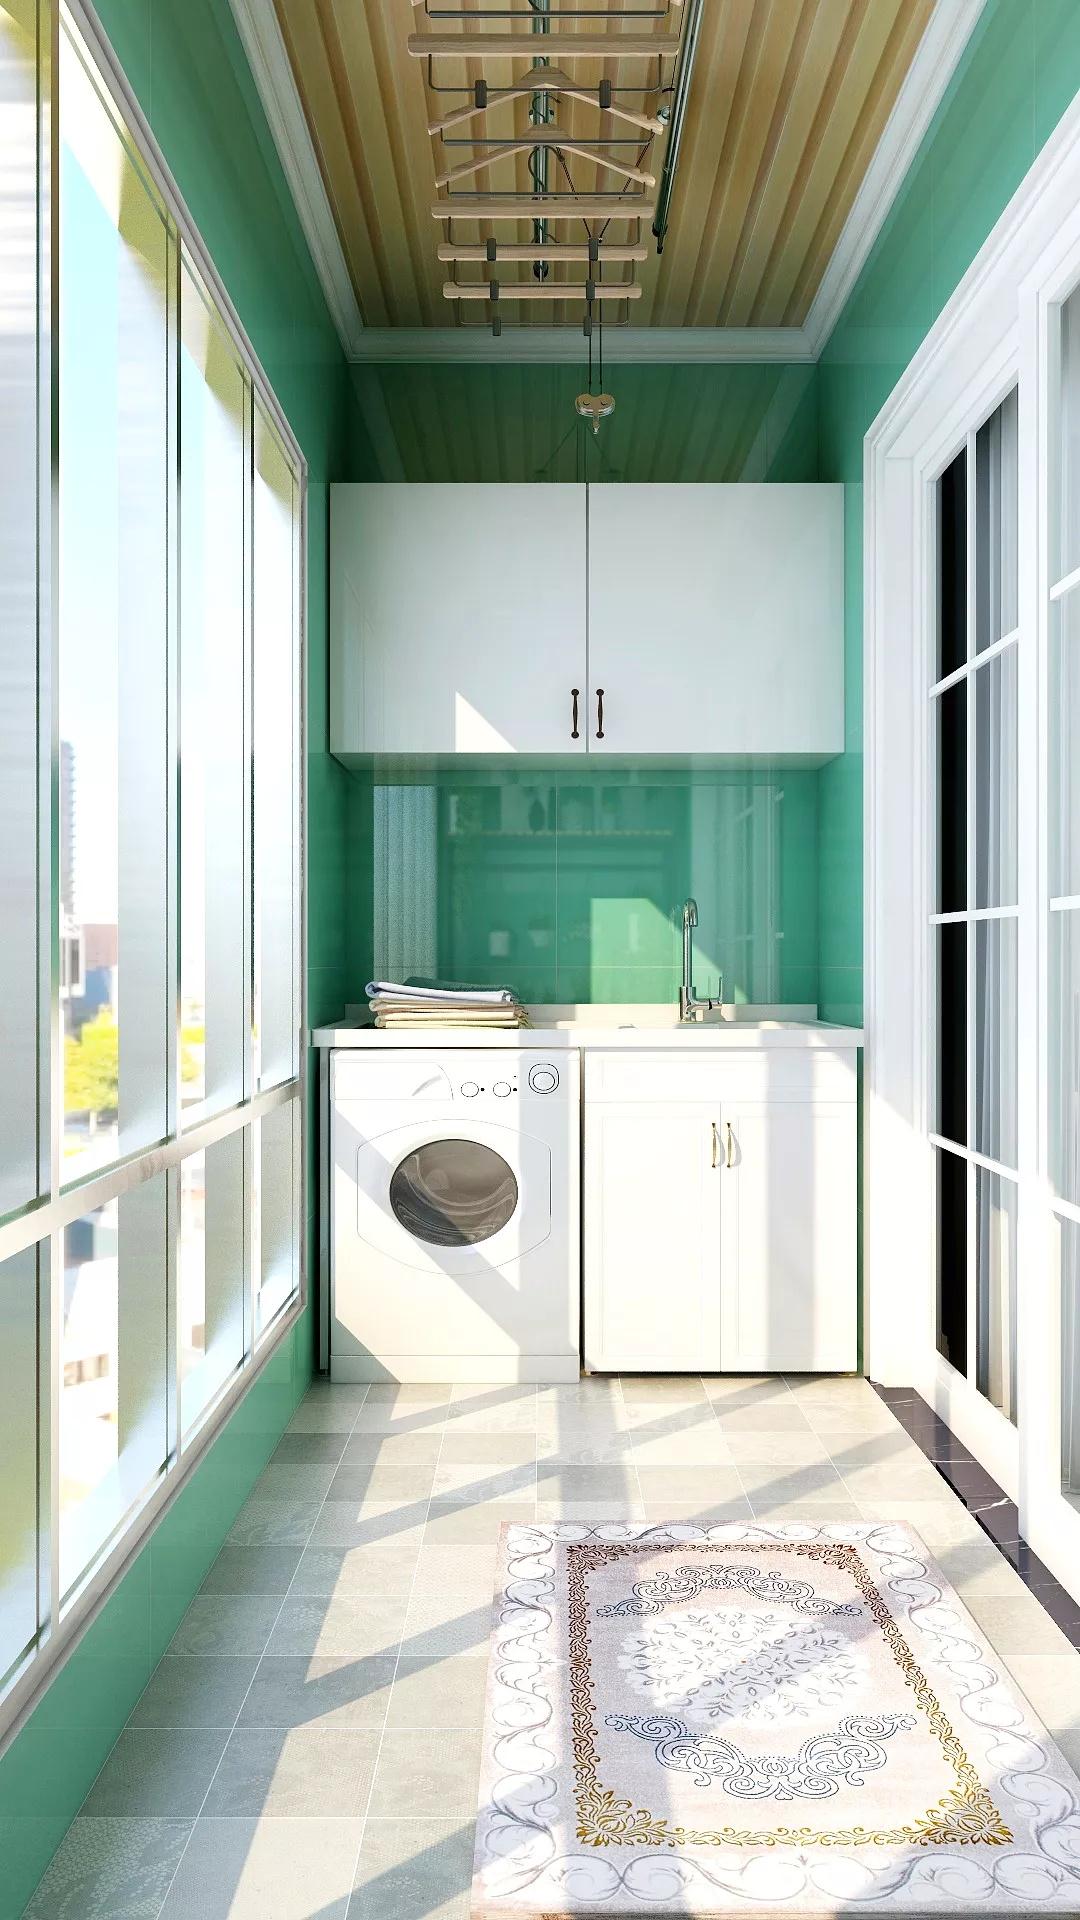 后现代混搭风开放式公寓设计装修效果图